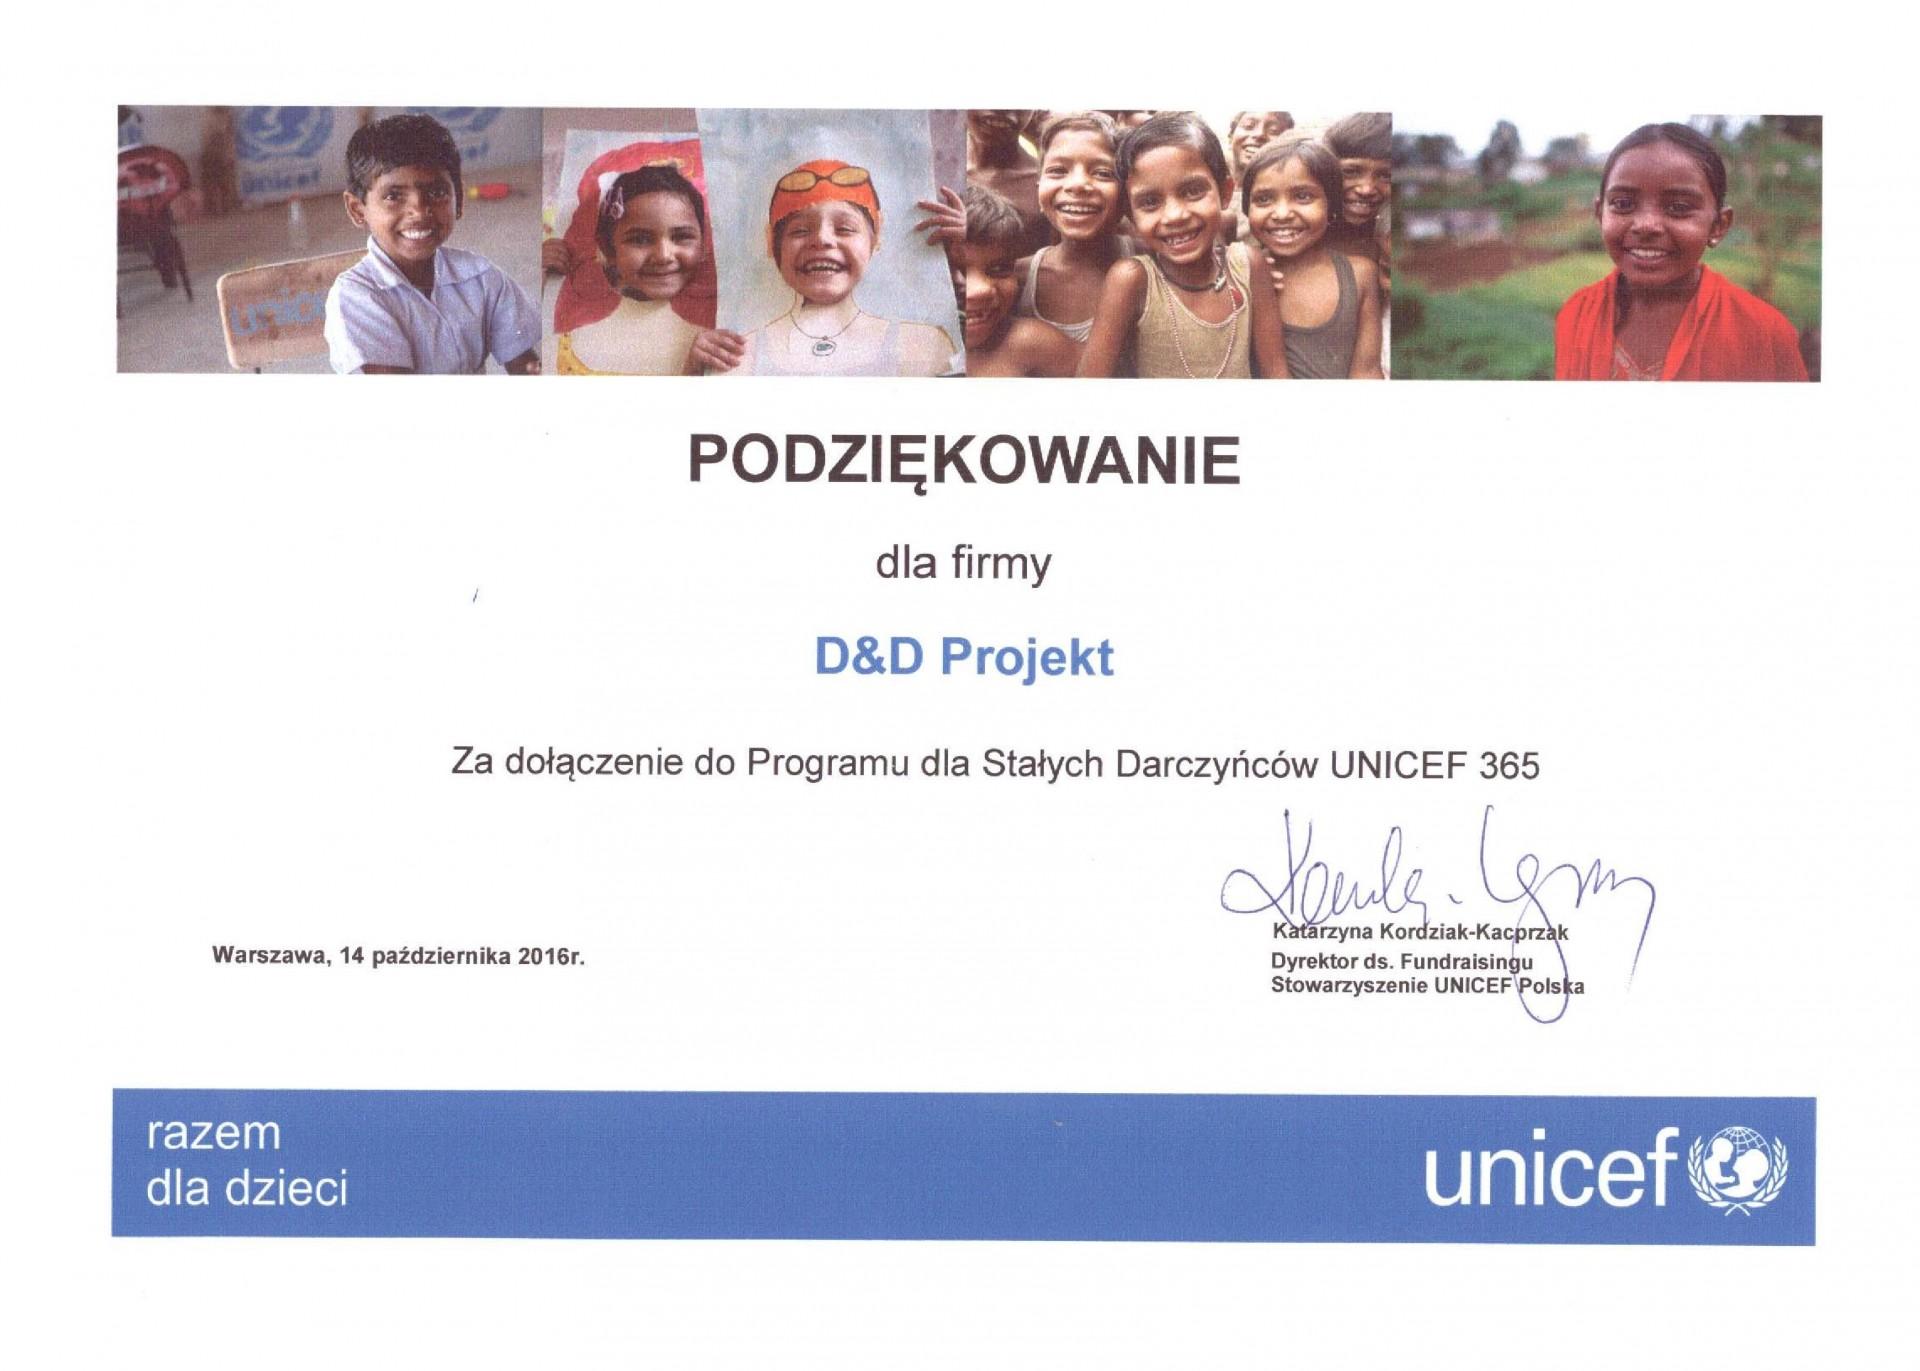 https://ddprojekt.pl/wp-content/uploads/2020/03/dell-laser-mfp-181520161019113333-page-001.jpg